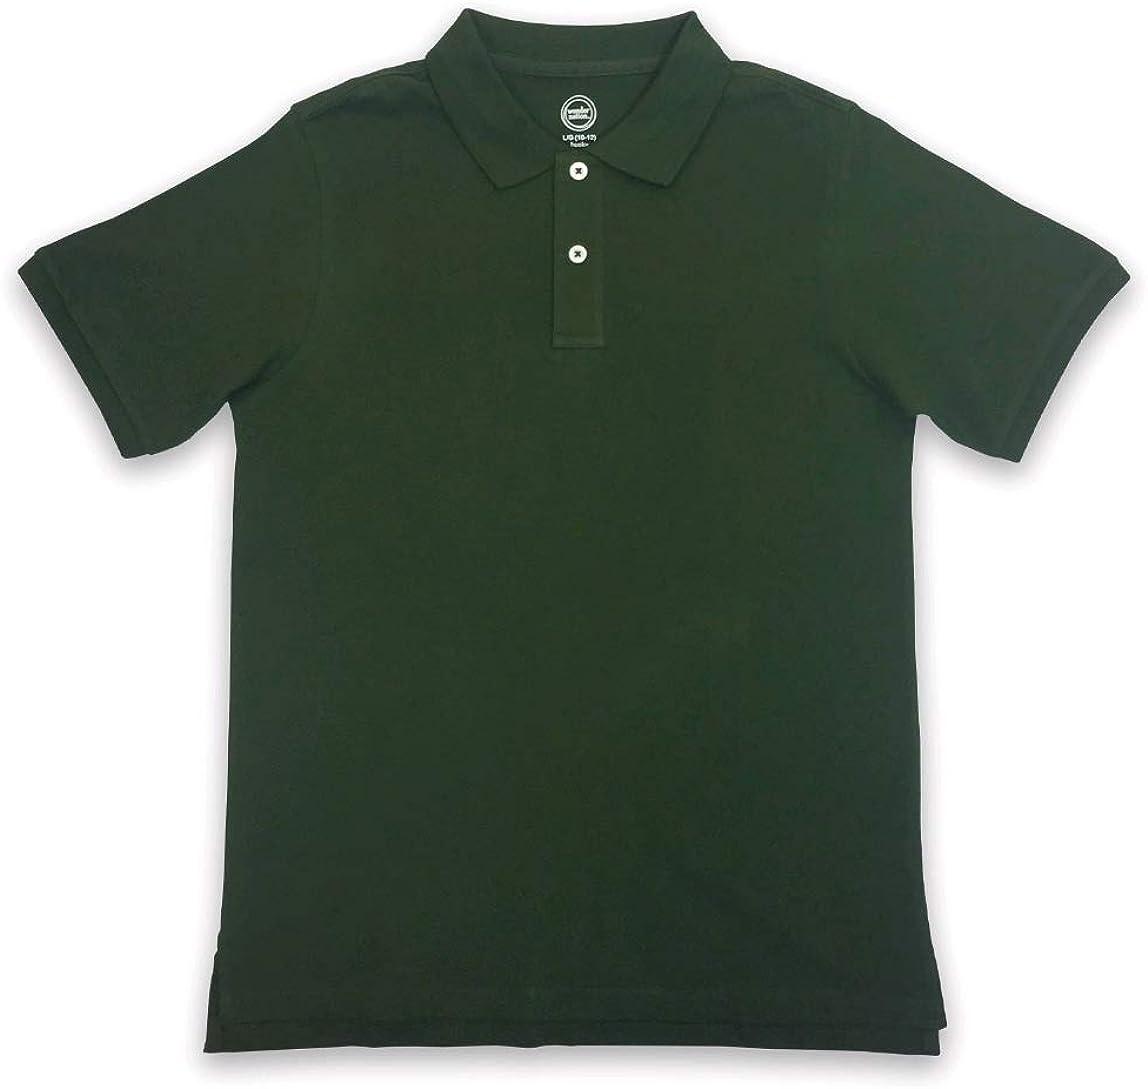 Boys Wonder Nation Short Sleeve Polo Shirt, Olive Green (2X-Large, 18)